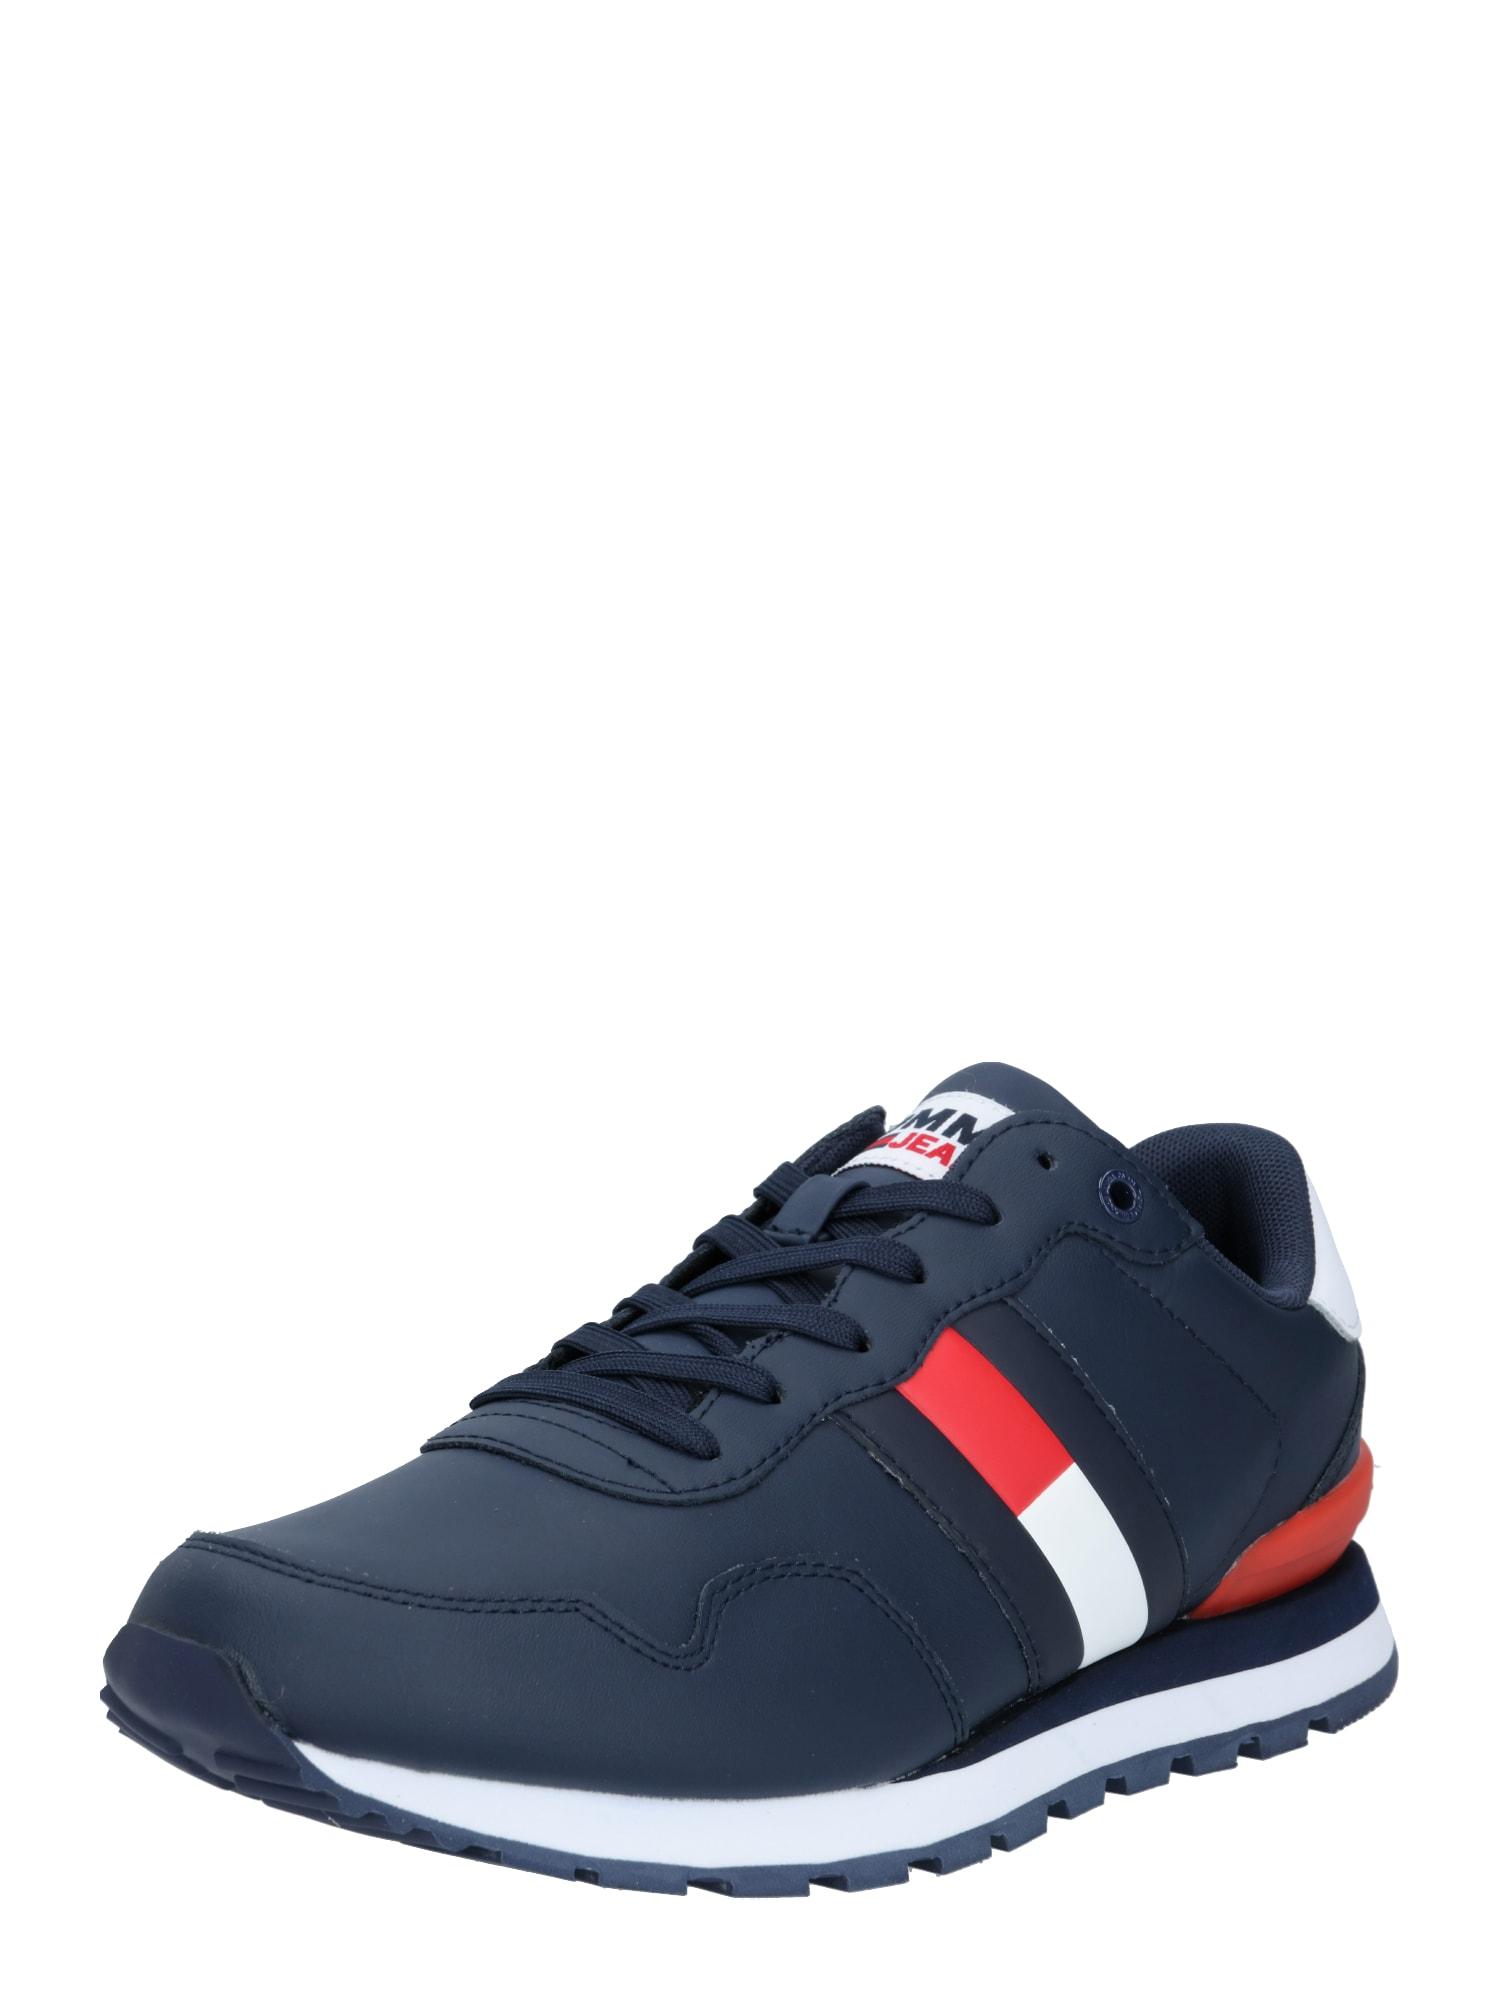 Tommy Jeans Tenisky 'Lea'  námořnická modř / bílá / červená